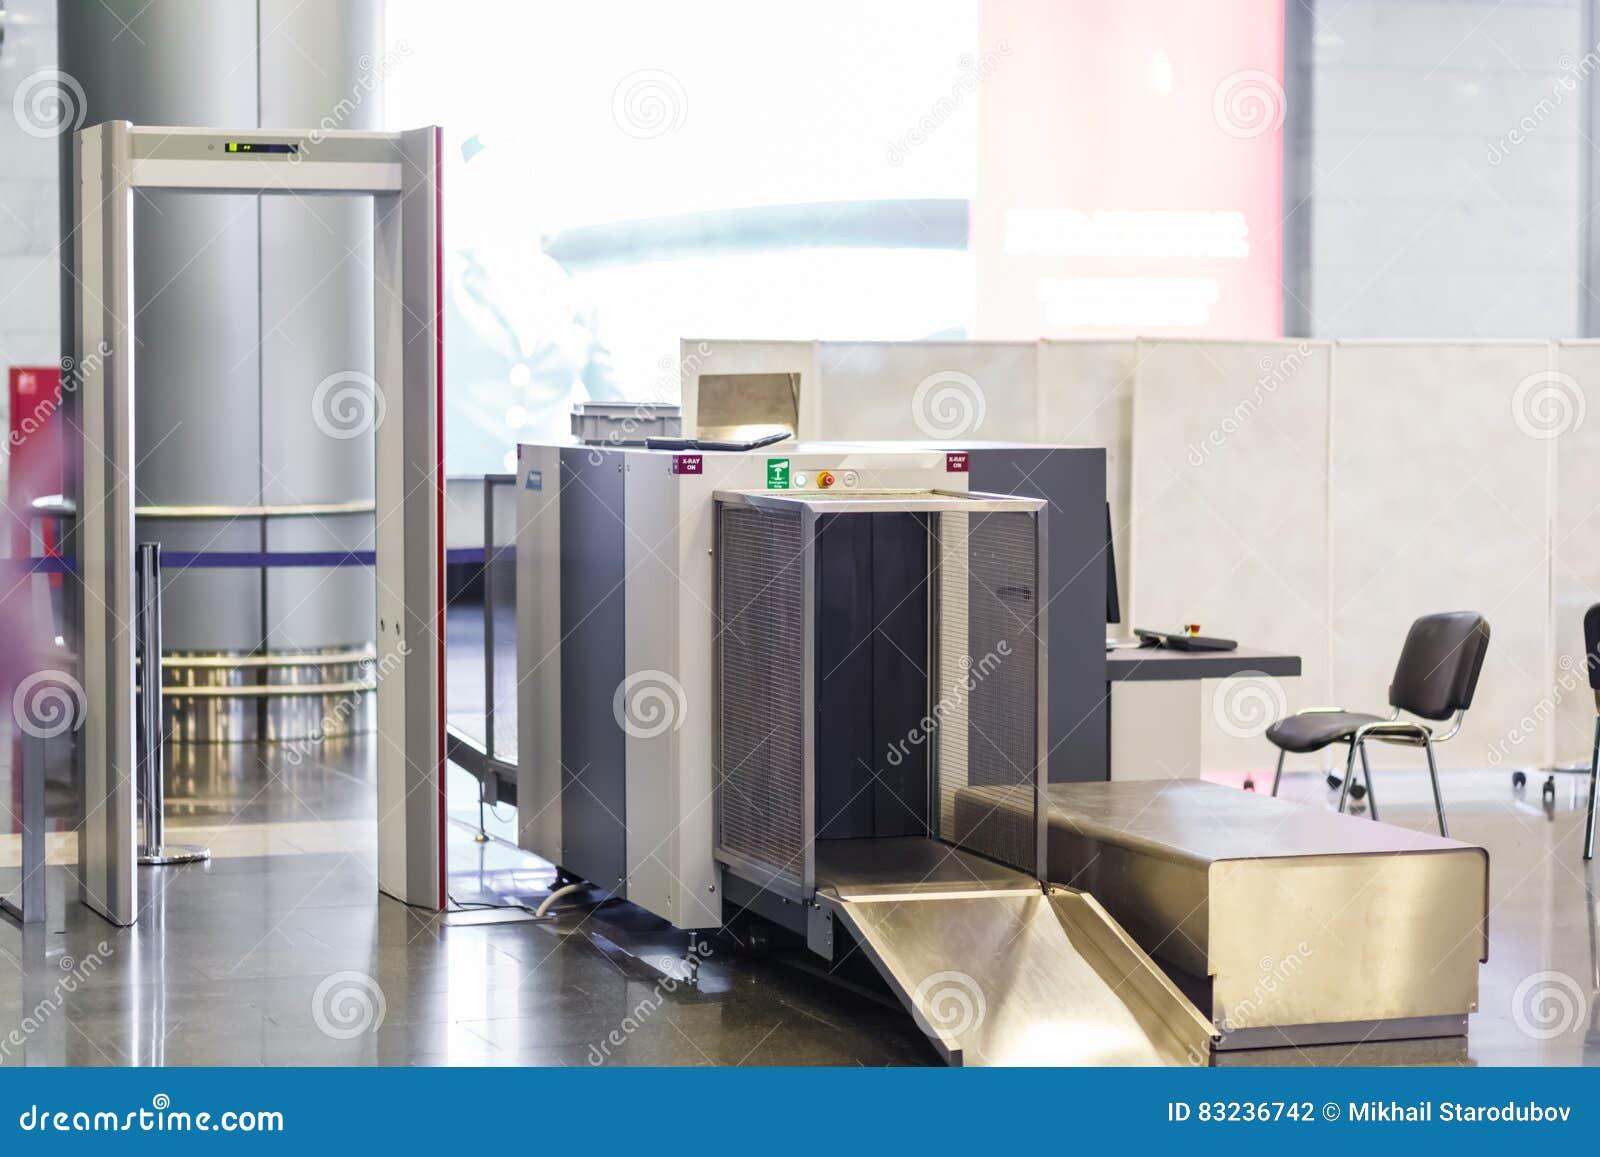 Point de contrôle de sécurité dans les aéroports avec le détecteur de métaux